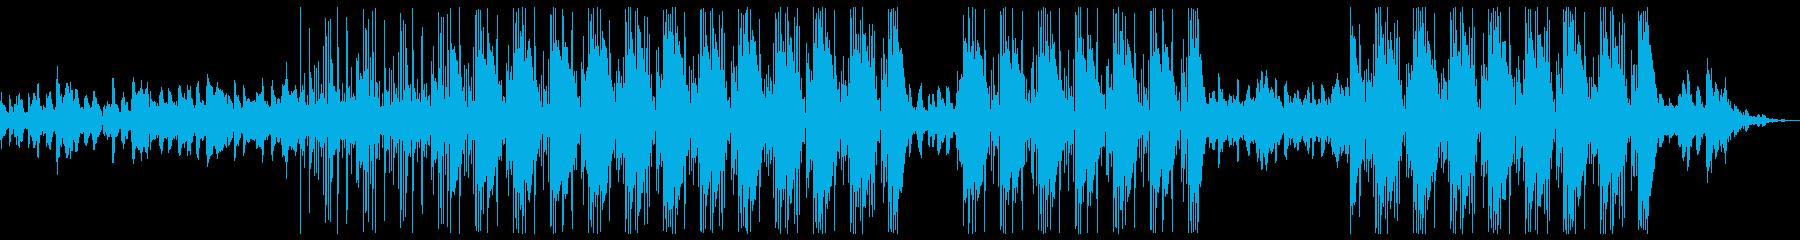 ダークで悲しい洋楽っぽいトラップビートの再生済みの波形